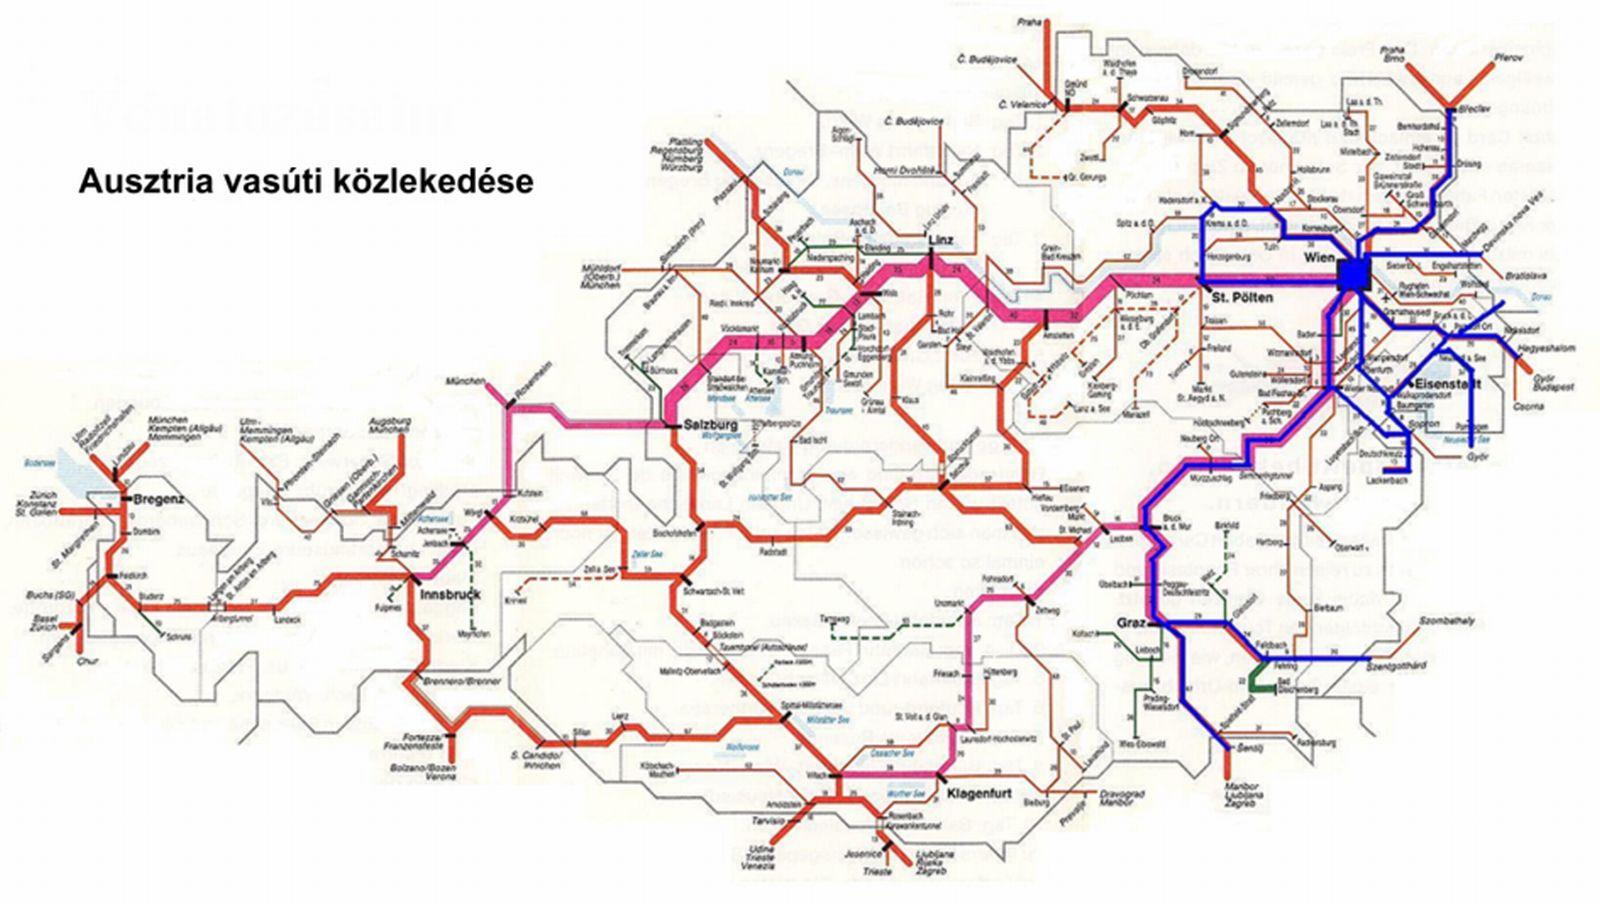 ausztria vasúti térkép Közlekedési földrajz | SuliTudásbázis ausztria vasúti térkép